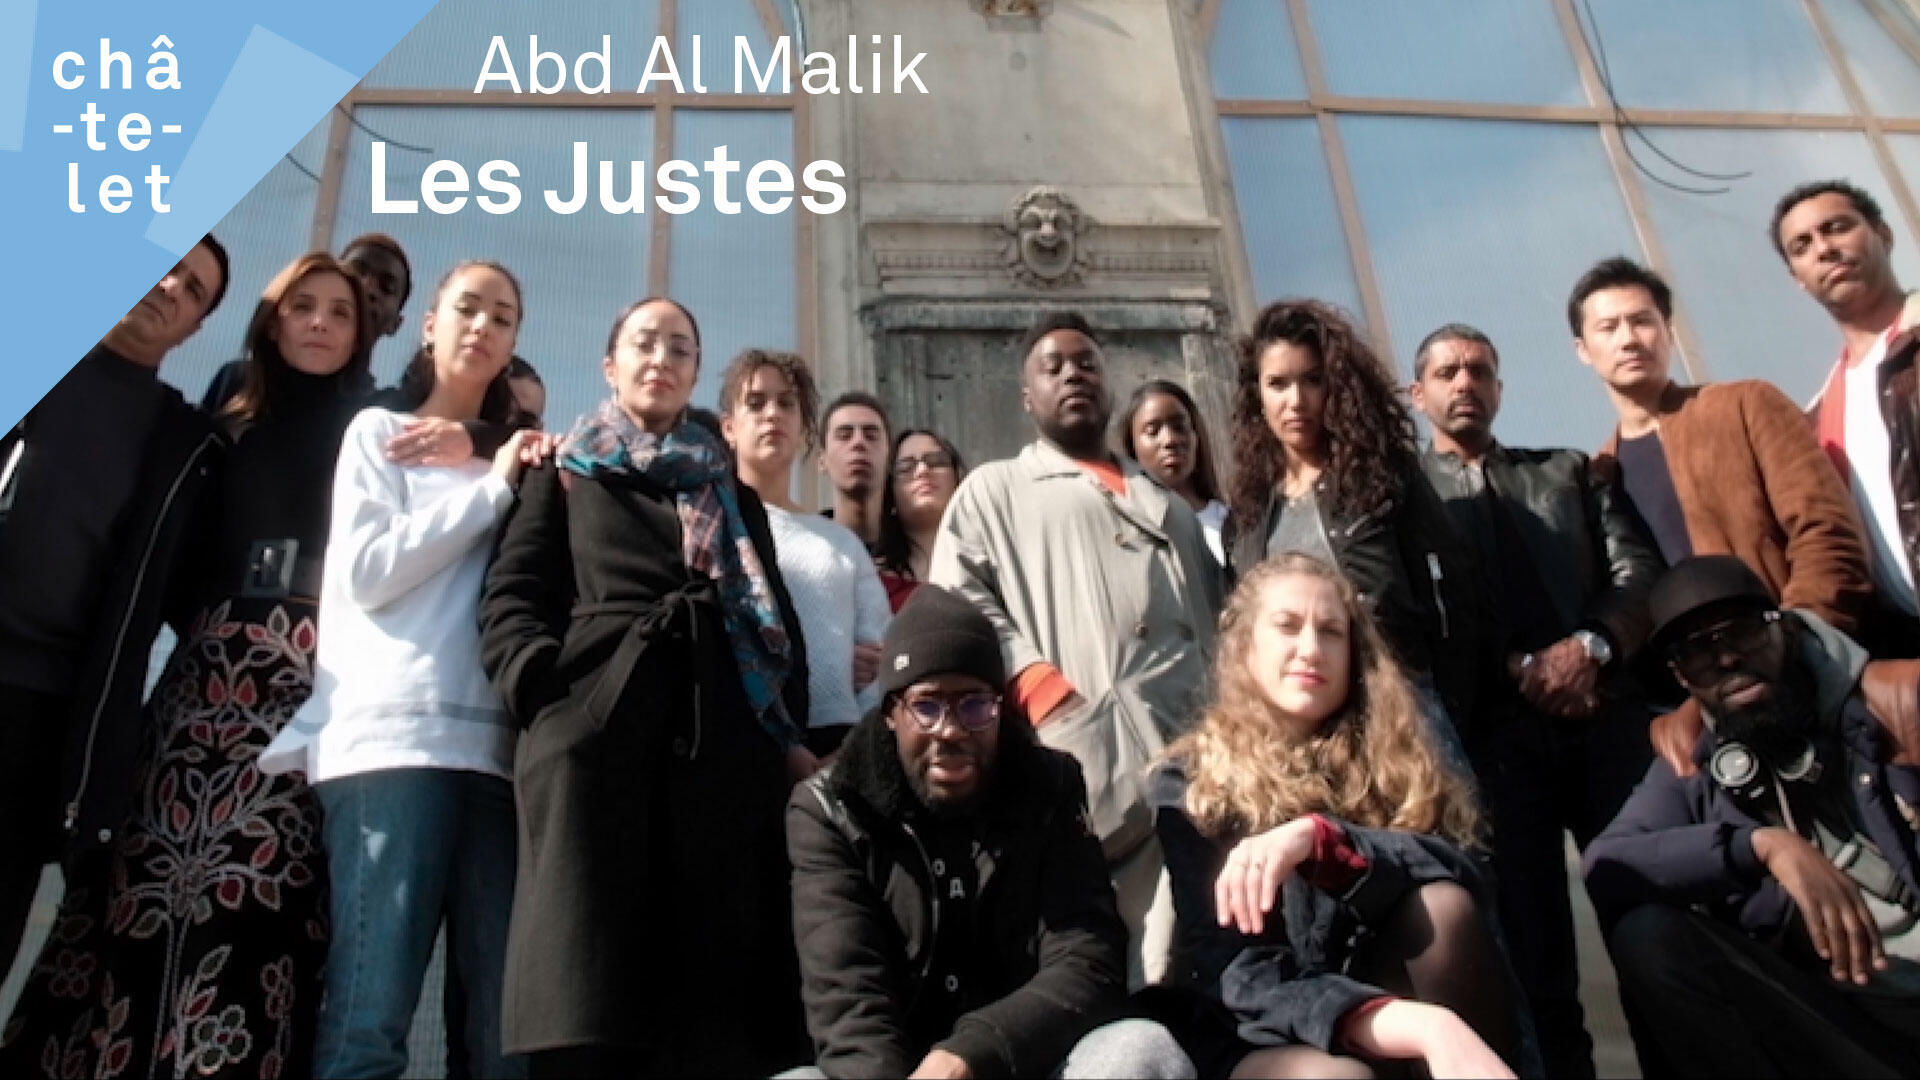 法國巴黎夏特萊劇場10月5日上演編劇阿卜杜勒·馬利克(Abd al Malik)編導加繆《正義者》一劇